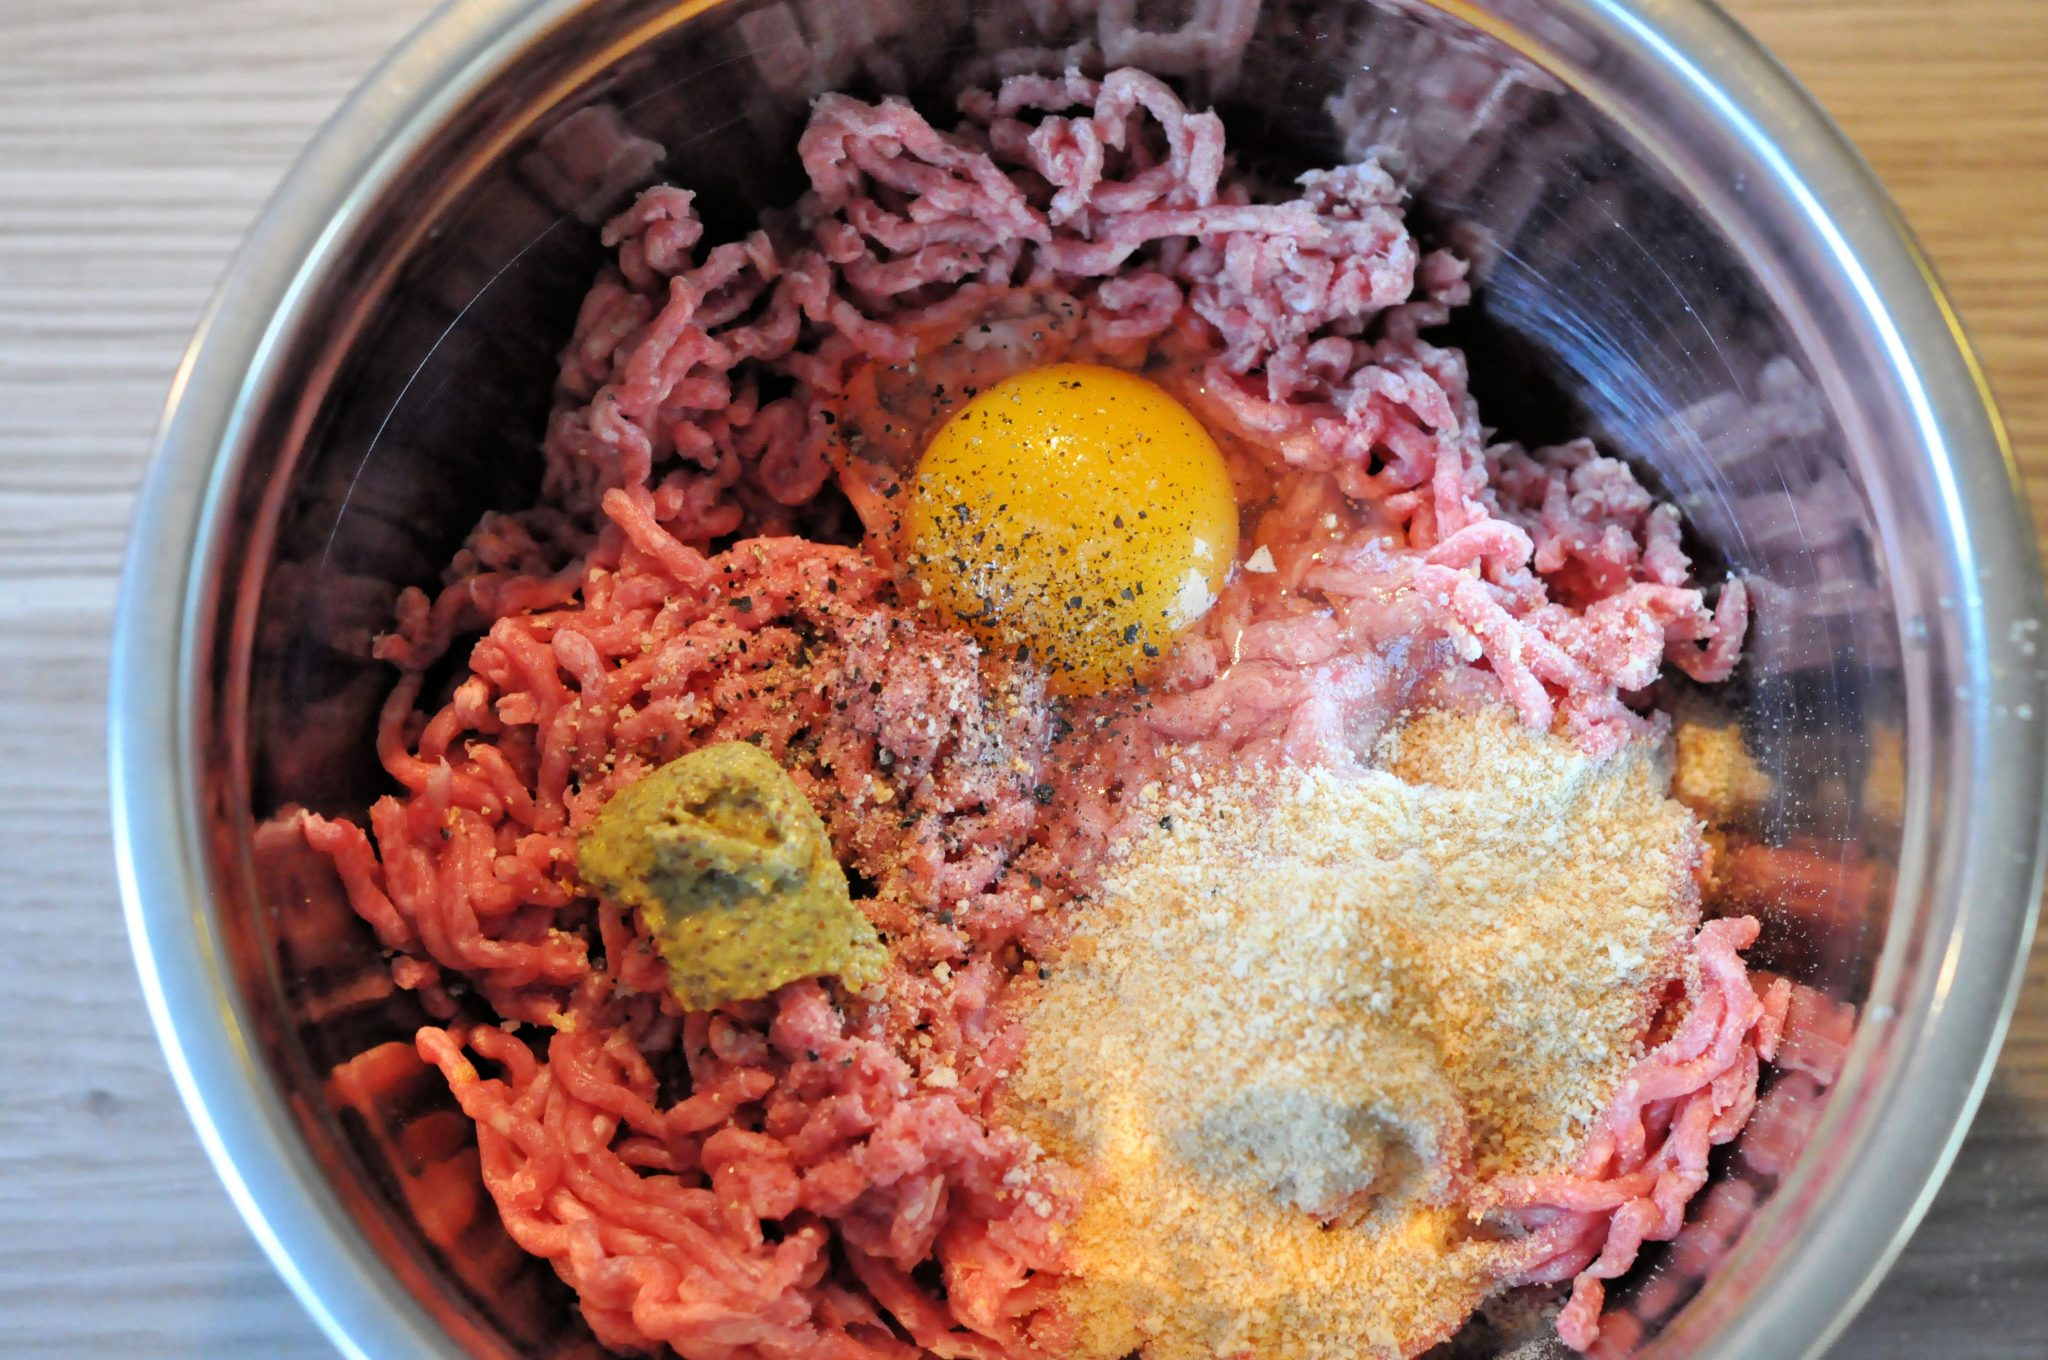 Gehaktballen-in-de-jus-basisgerecht-om-zelf-te-maken-ingrediënten